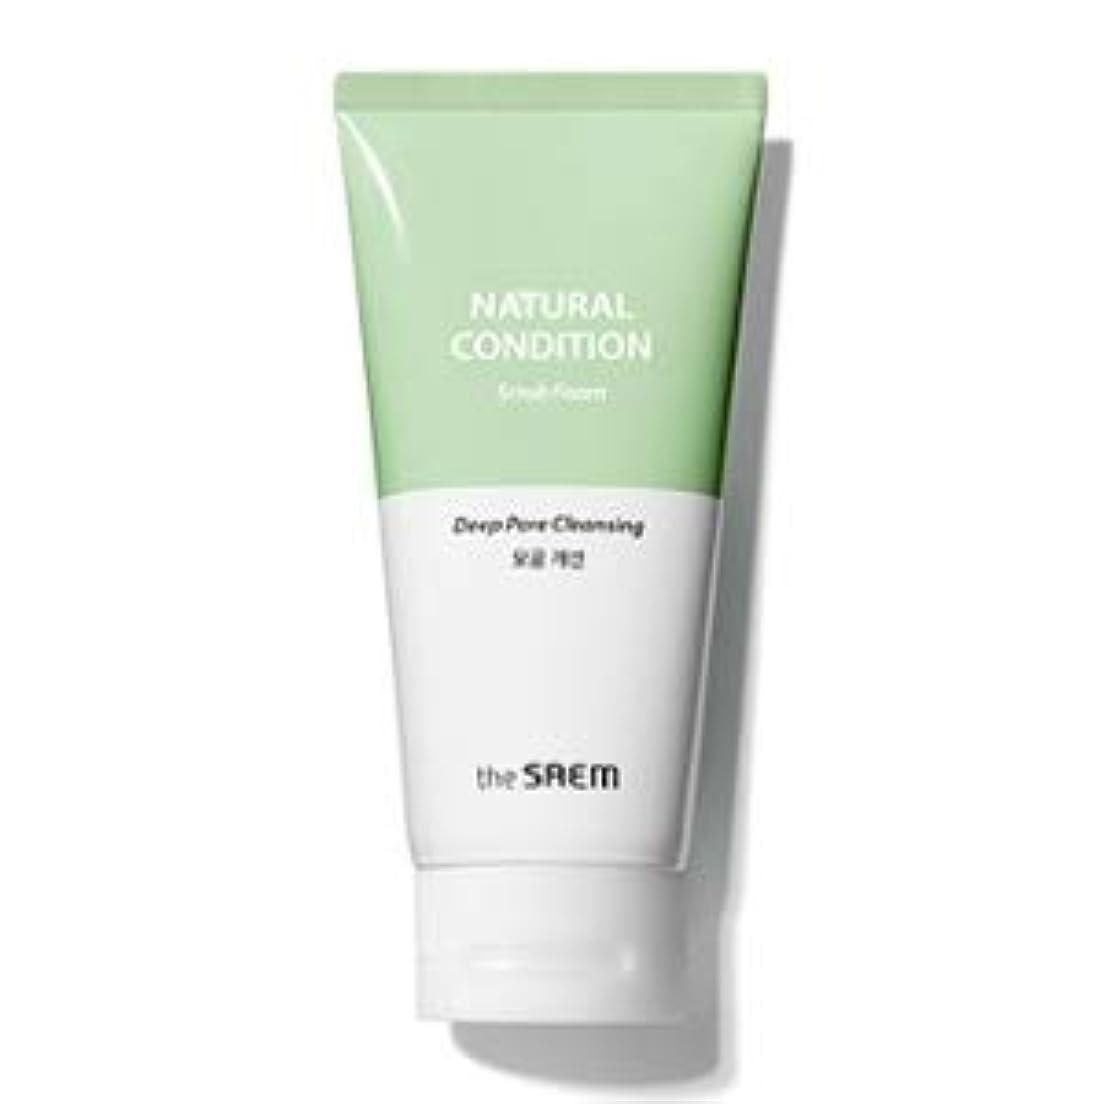 挨拶彫刻要旨The Saem Natural Condition Scrub Foam [Deep pore cleansing] (R)/ ザセム ナチュラルコンディションスクラブフォーム[毛穴改善] (R) [並行輸入品]